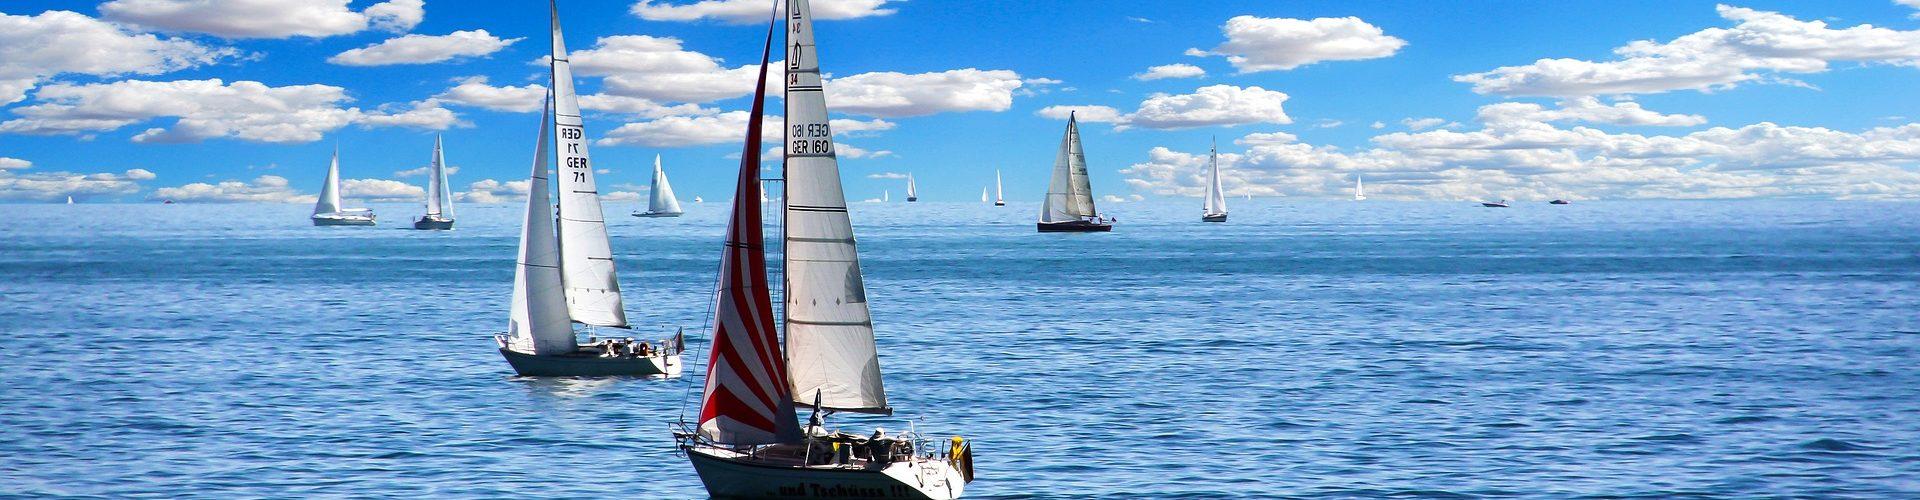 segeln lernen in Bad Füssing segelschein machen in Bad Füssing 1920x500 - Segeln lernen in Bad Füssing